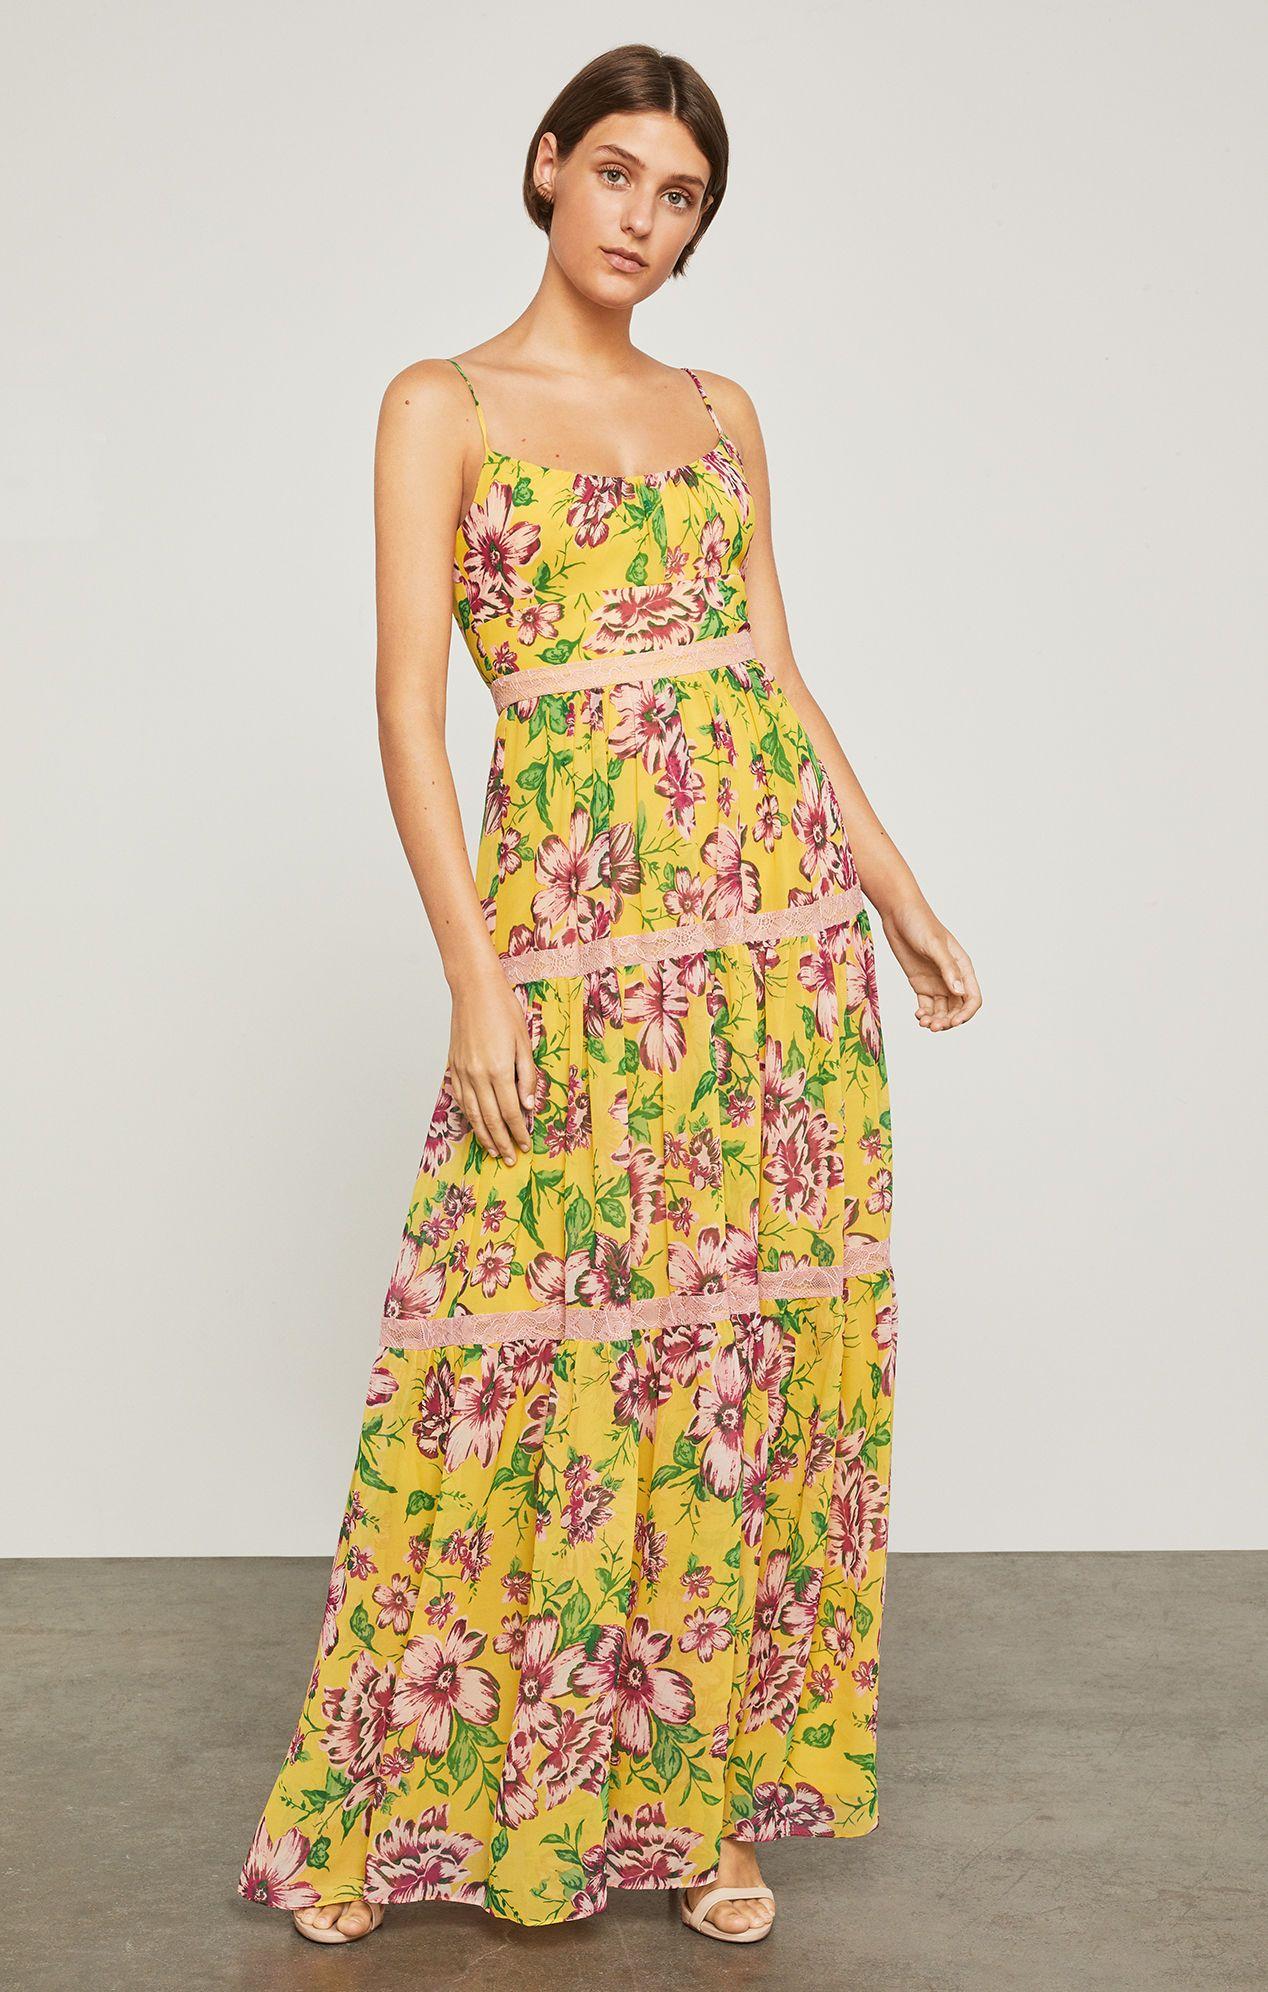 Festive Floral Maxi Dress Bcbg Com Summer Maxi Dress Maxi Dress Summer Gowns [ 1992 x 1268 Pixel ]